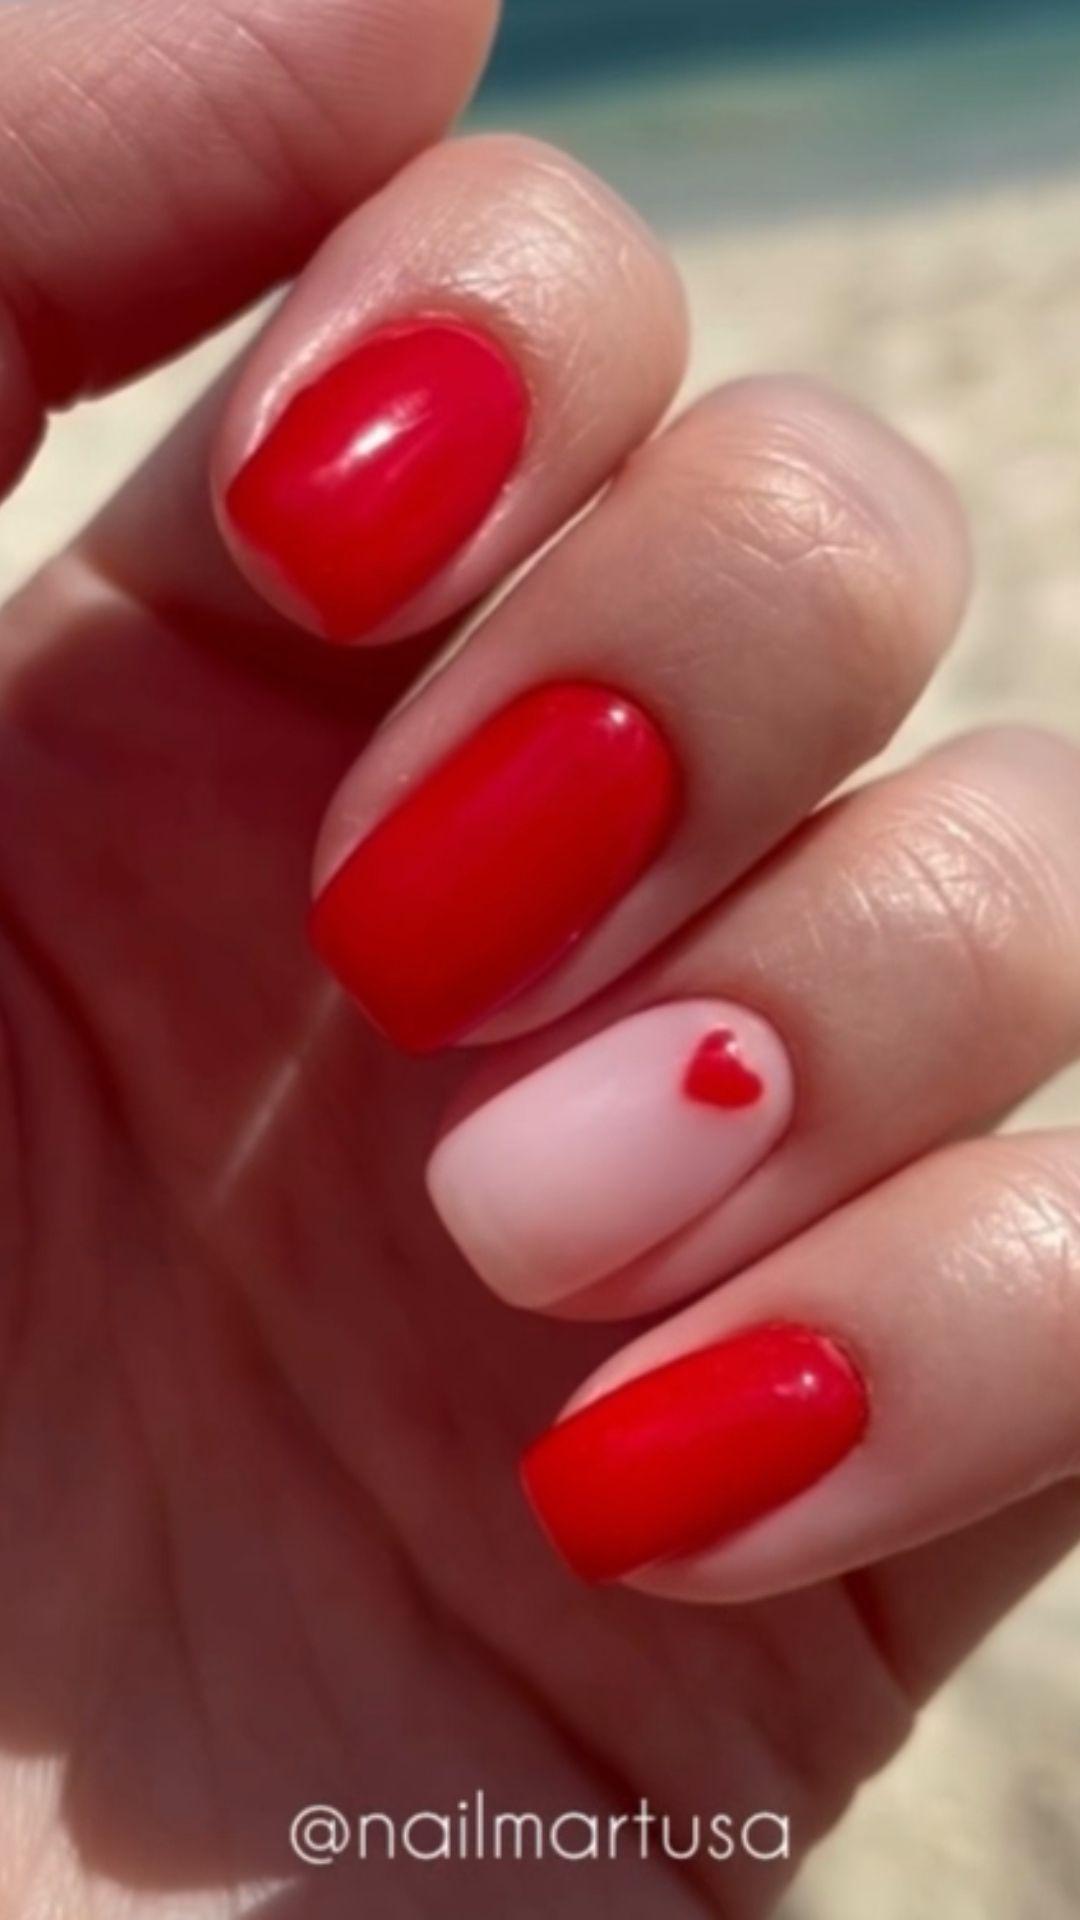 Russian Manicure In 60 Seconds